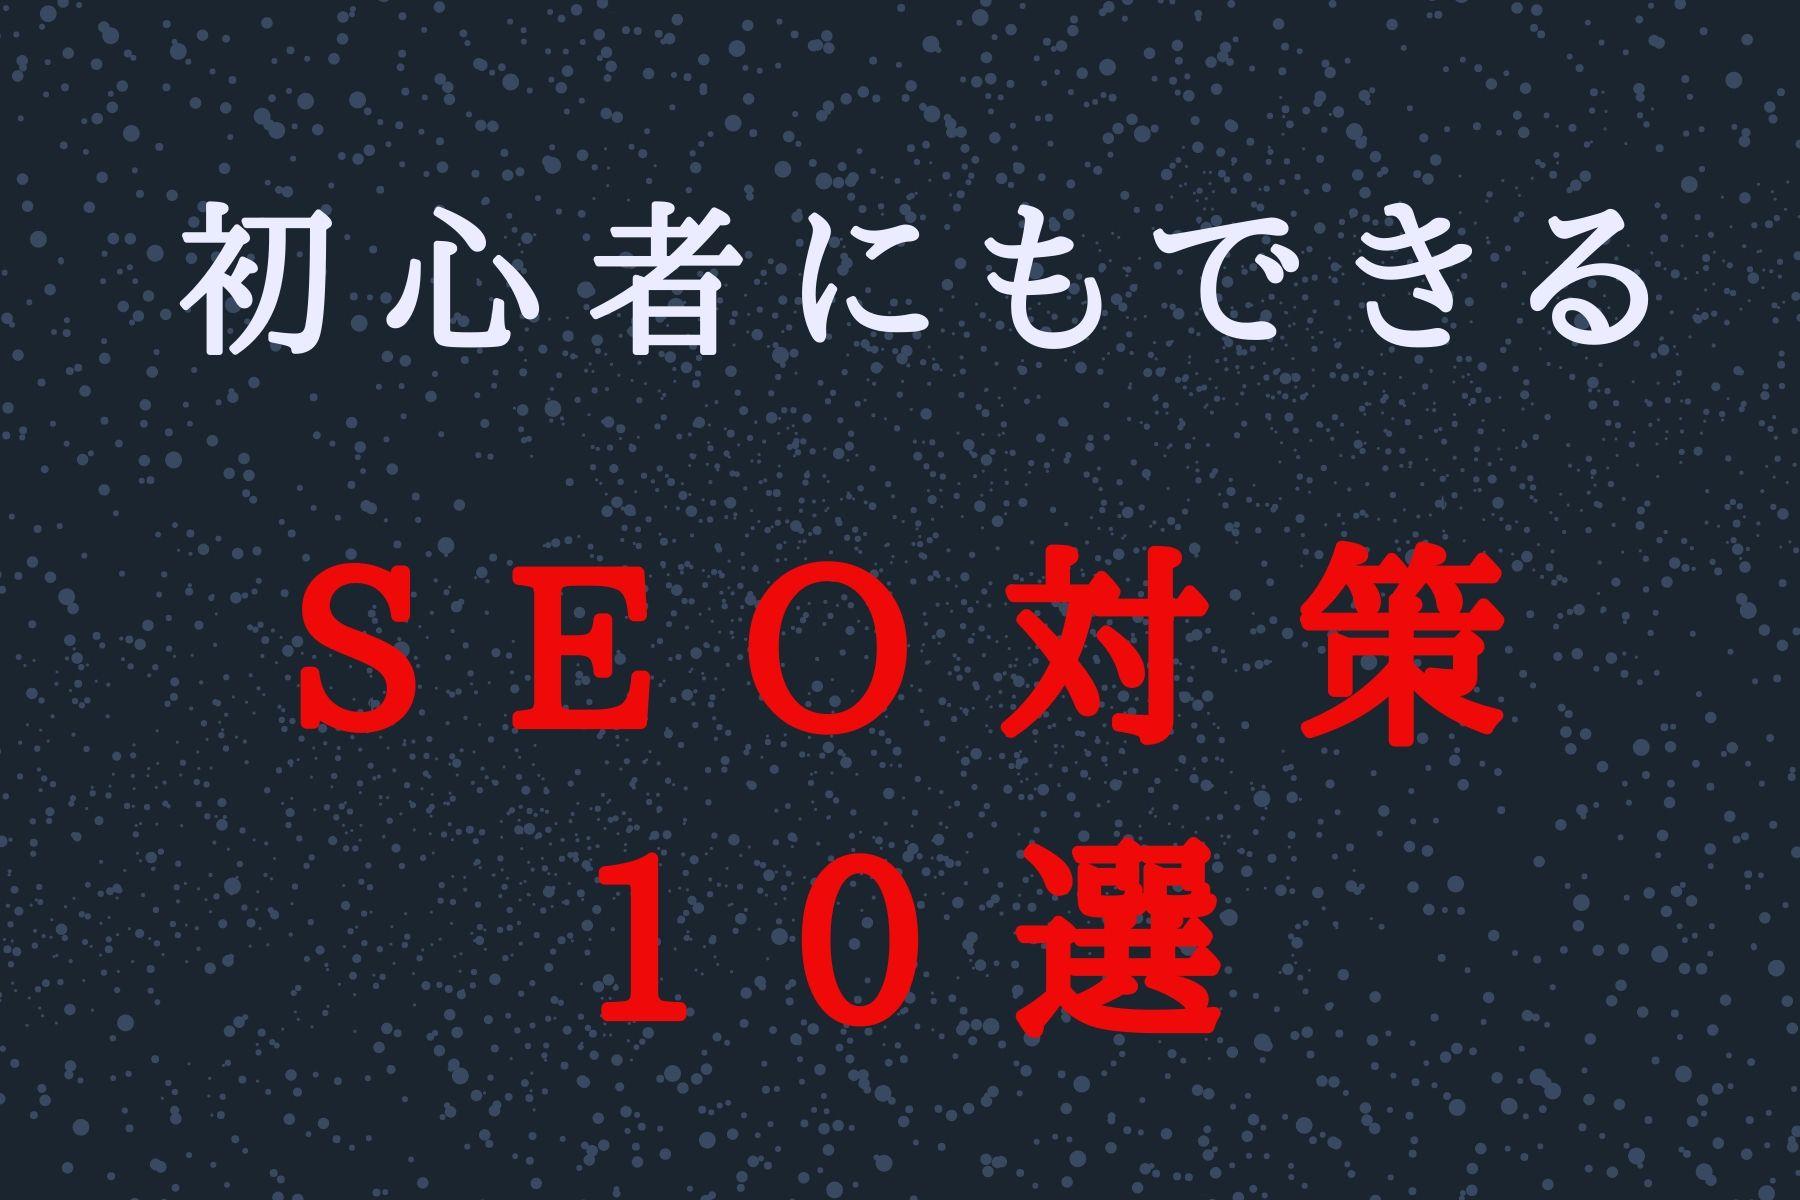 初心者にもできるSEO対策10選【僕が半年で行った全手法】